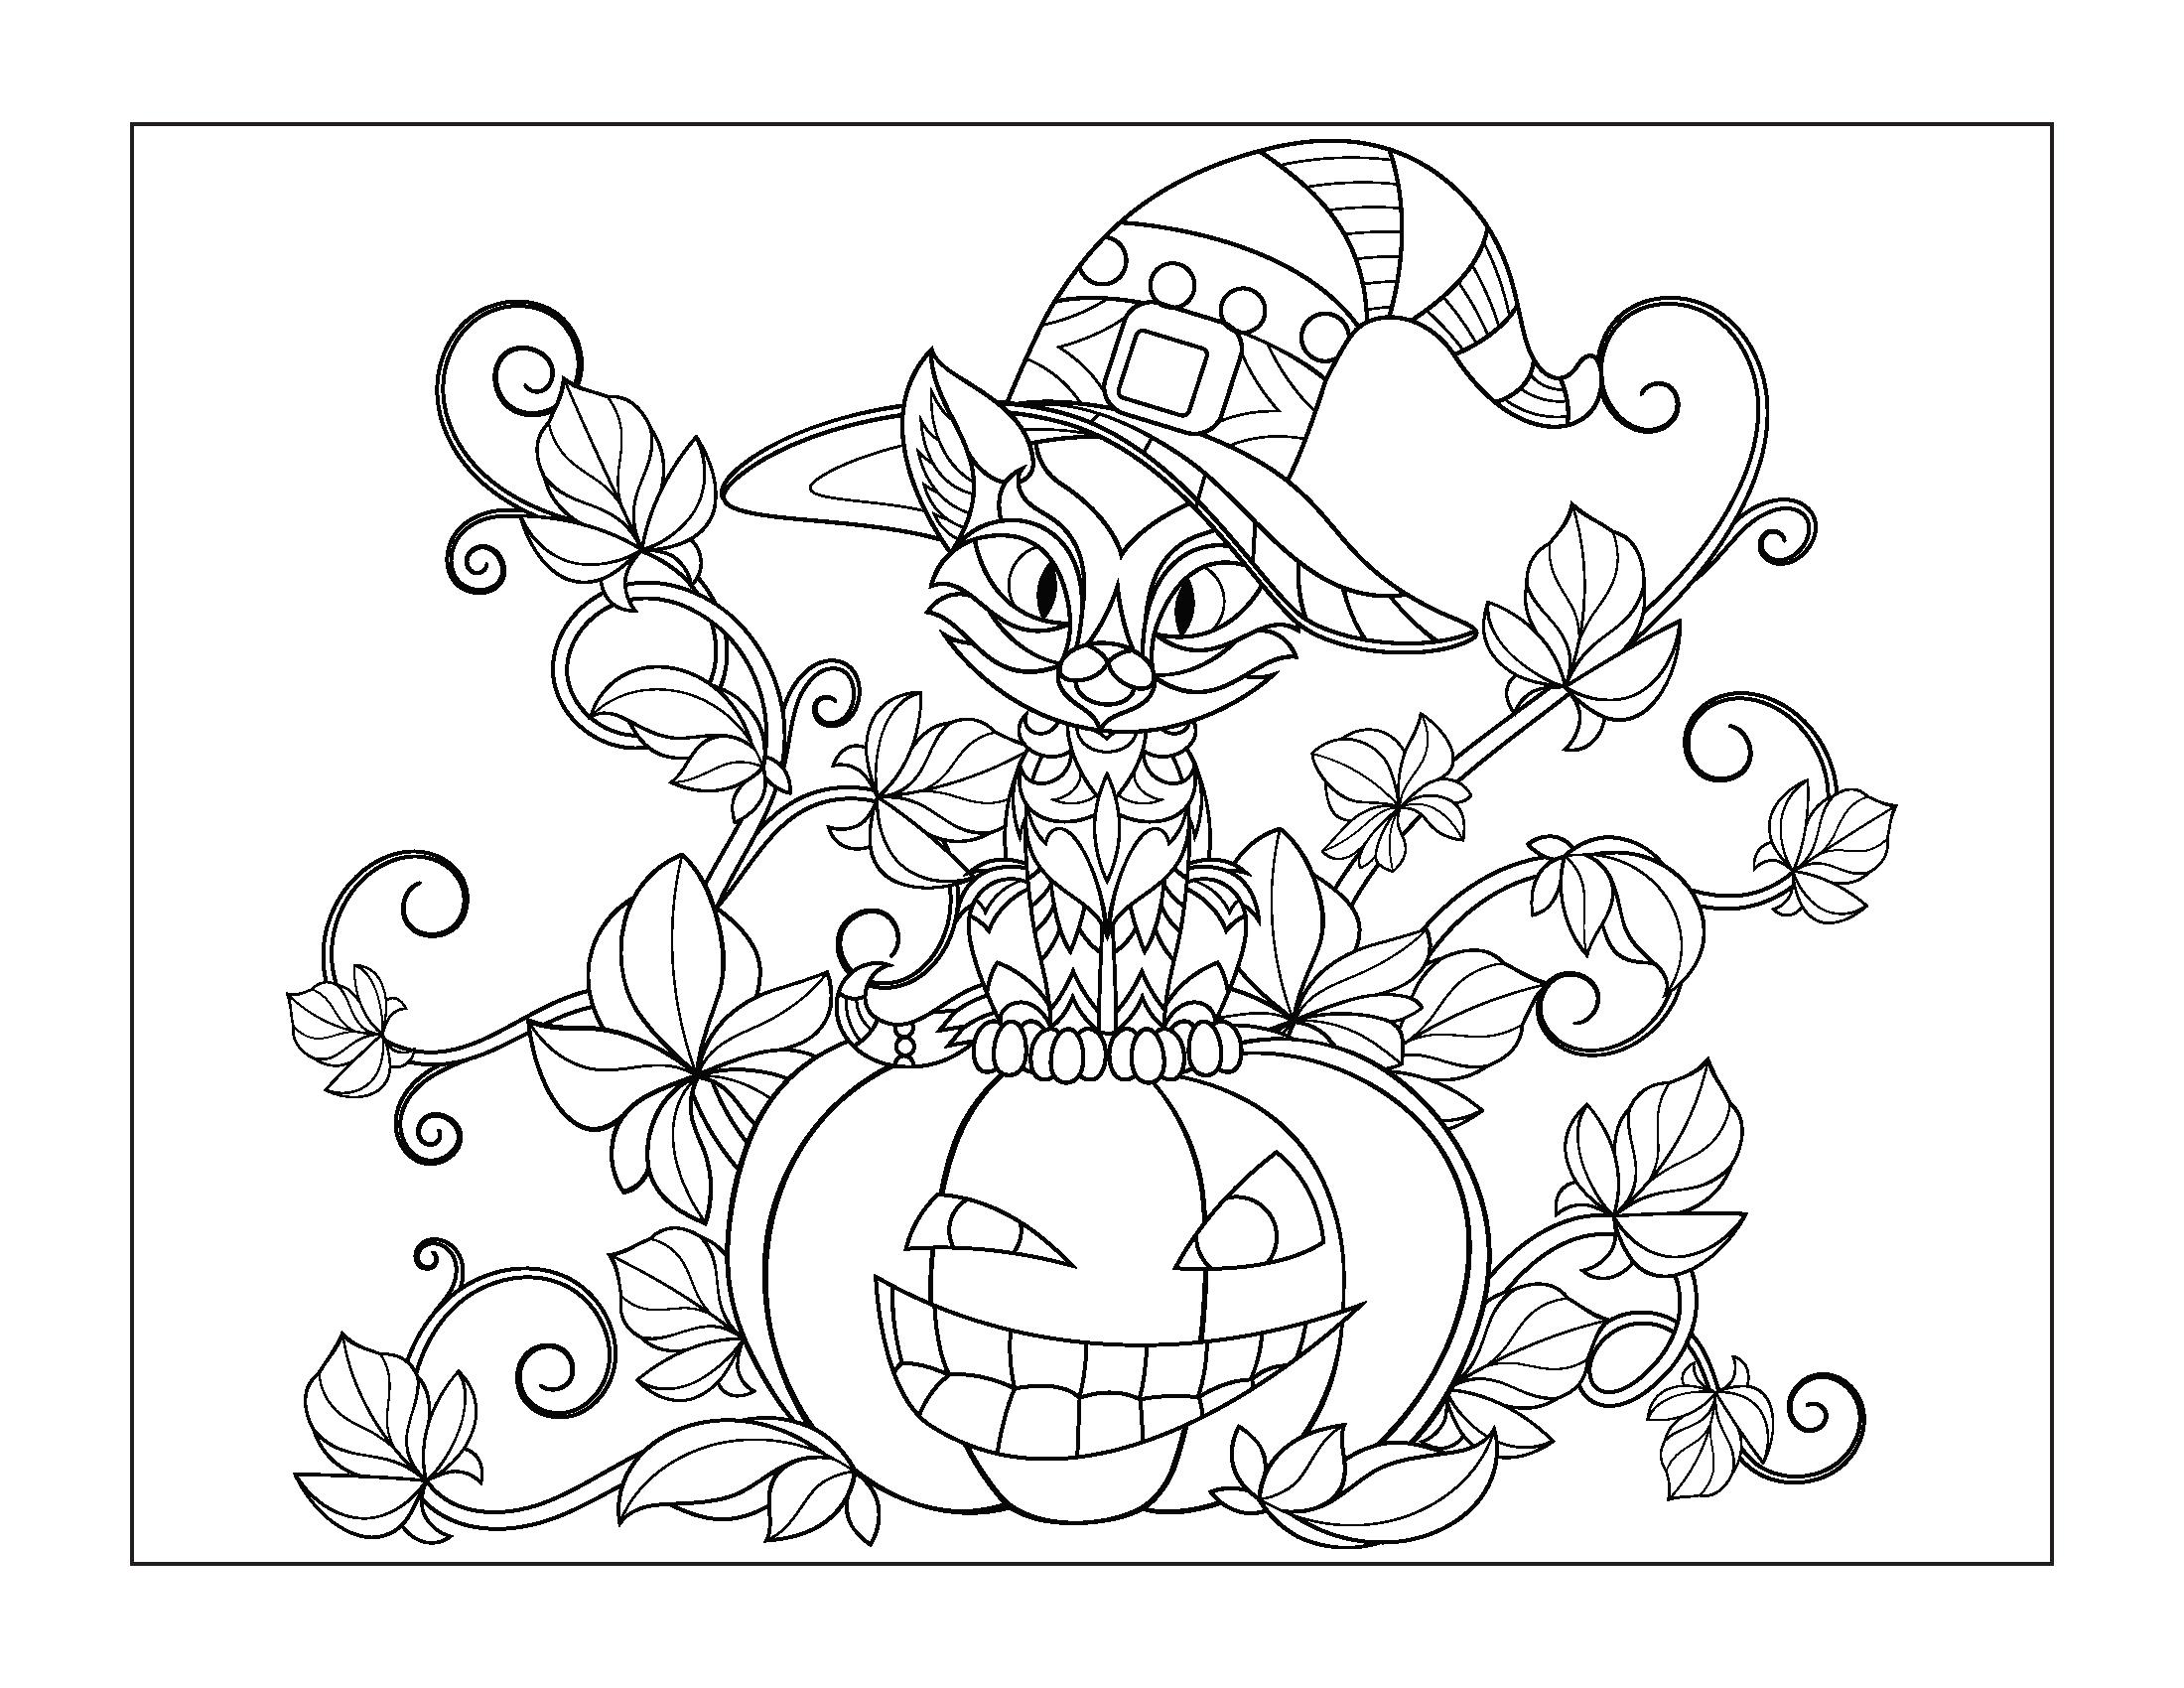 Tranh tô màu Halloween đẹp, ấn tượng nhất